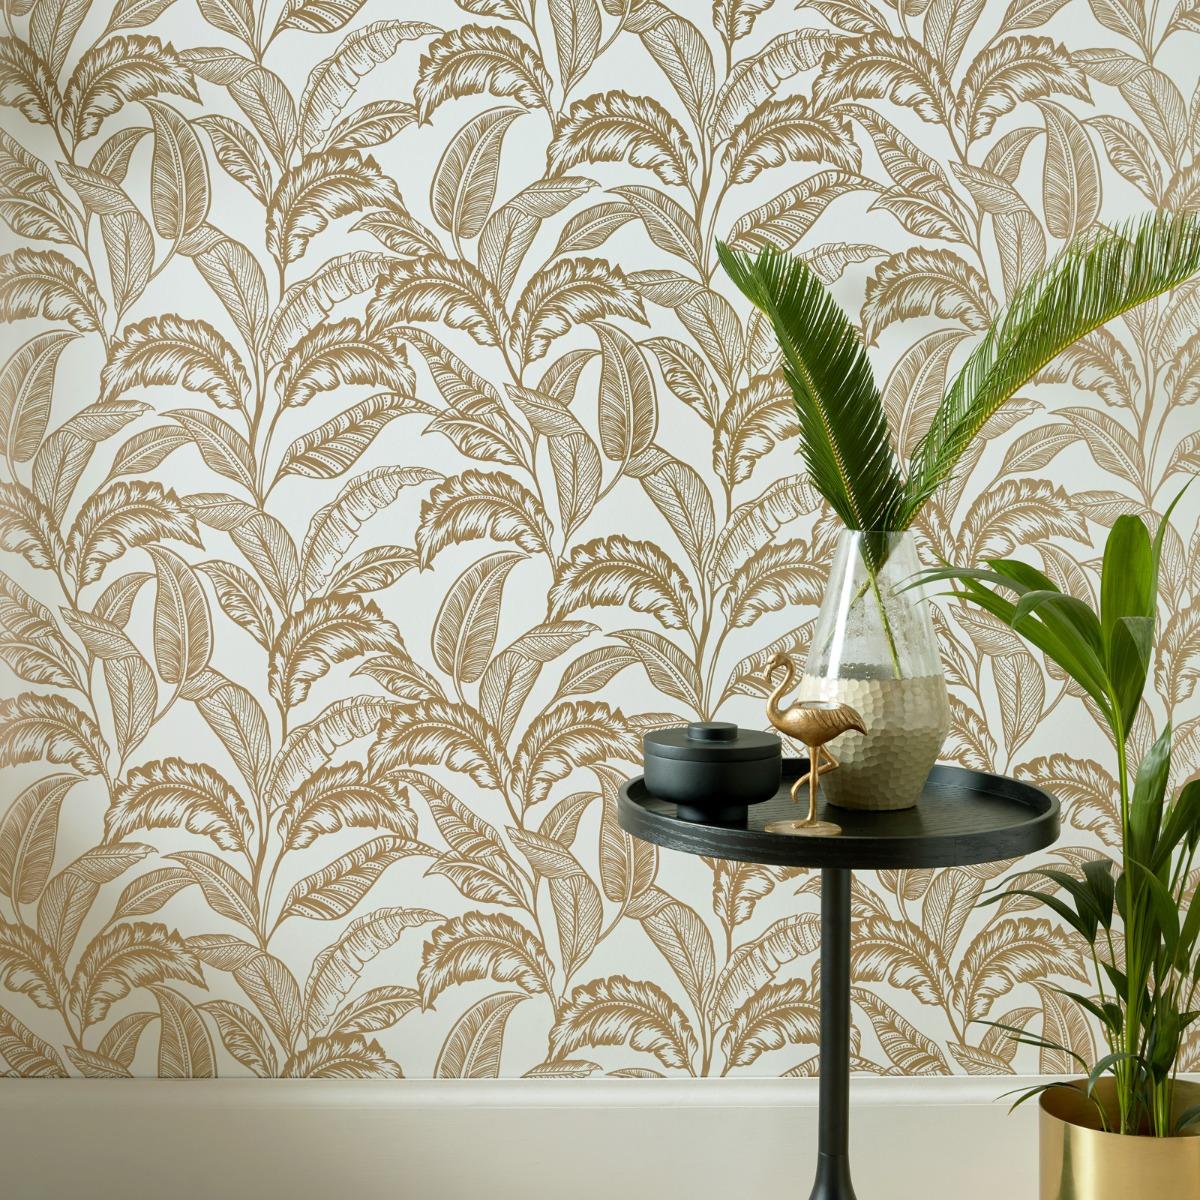 Mozambique Wallpaper Light Cream / Gold Accessorize 275123